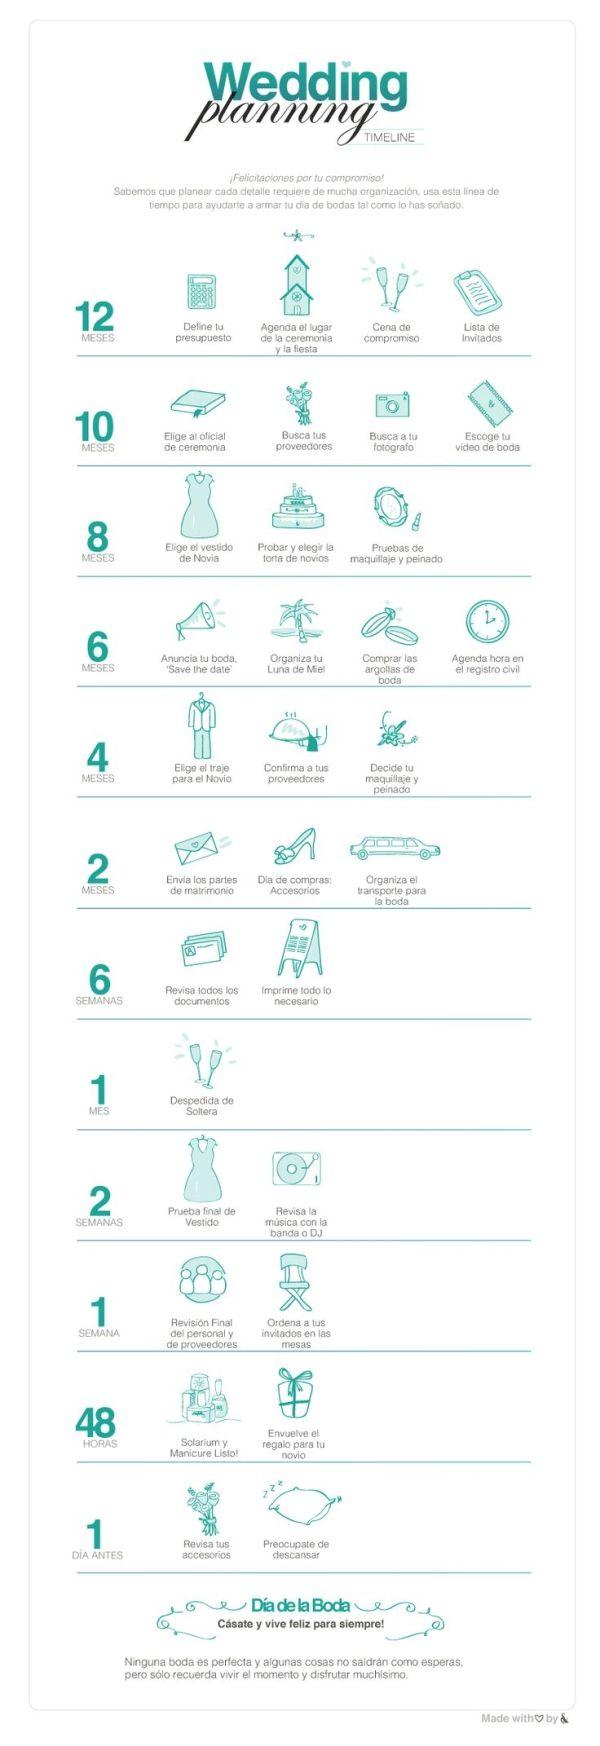 Wedding Planning Timeline, Cómo organizar una boda tú misma by @amperstudios para #TheWeddingBlog by caroline